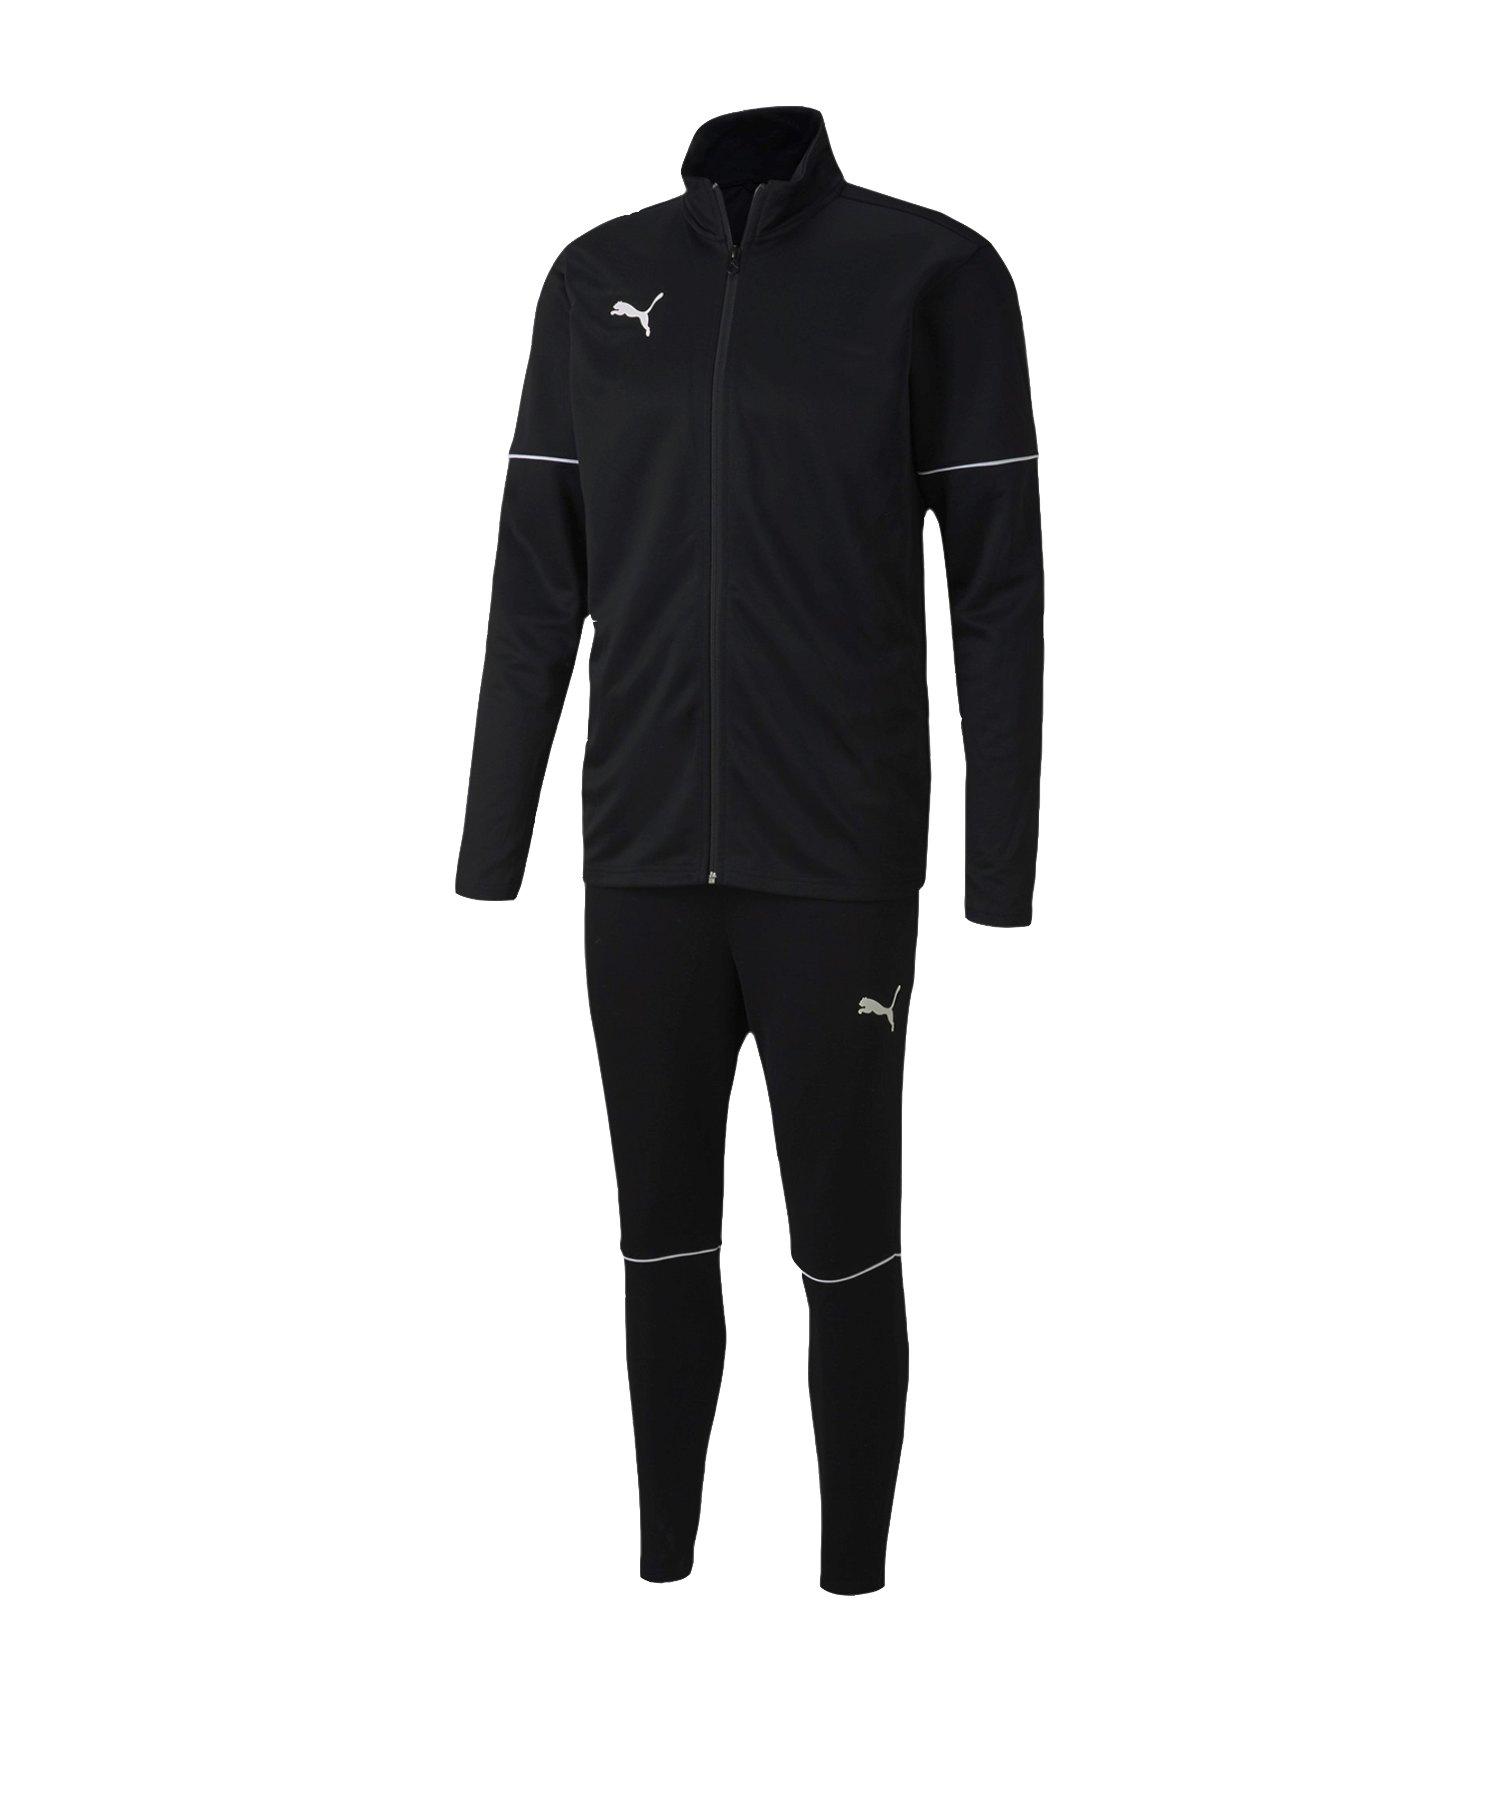 PUMA teamGOAL Trainingsanzug Schwarz F03 - schwarz